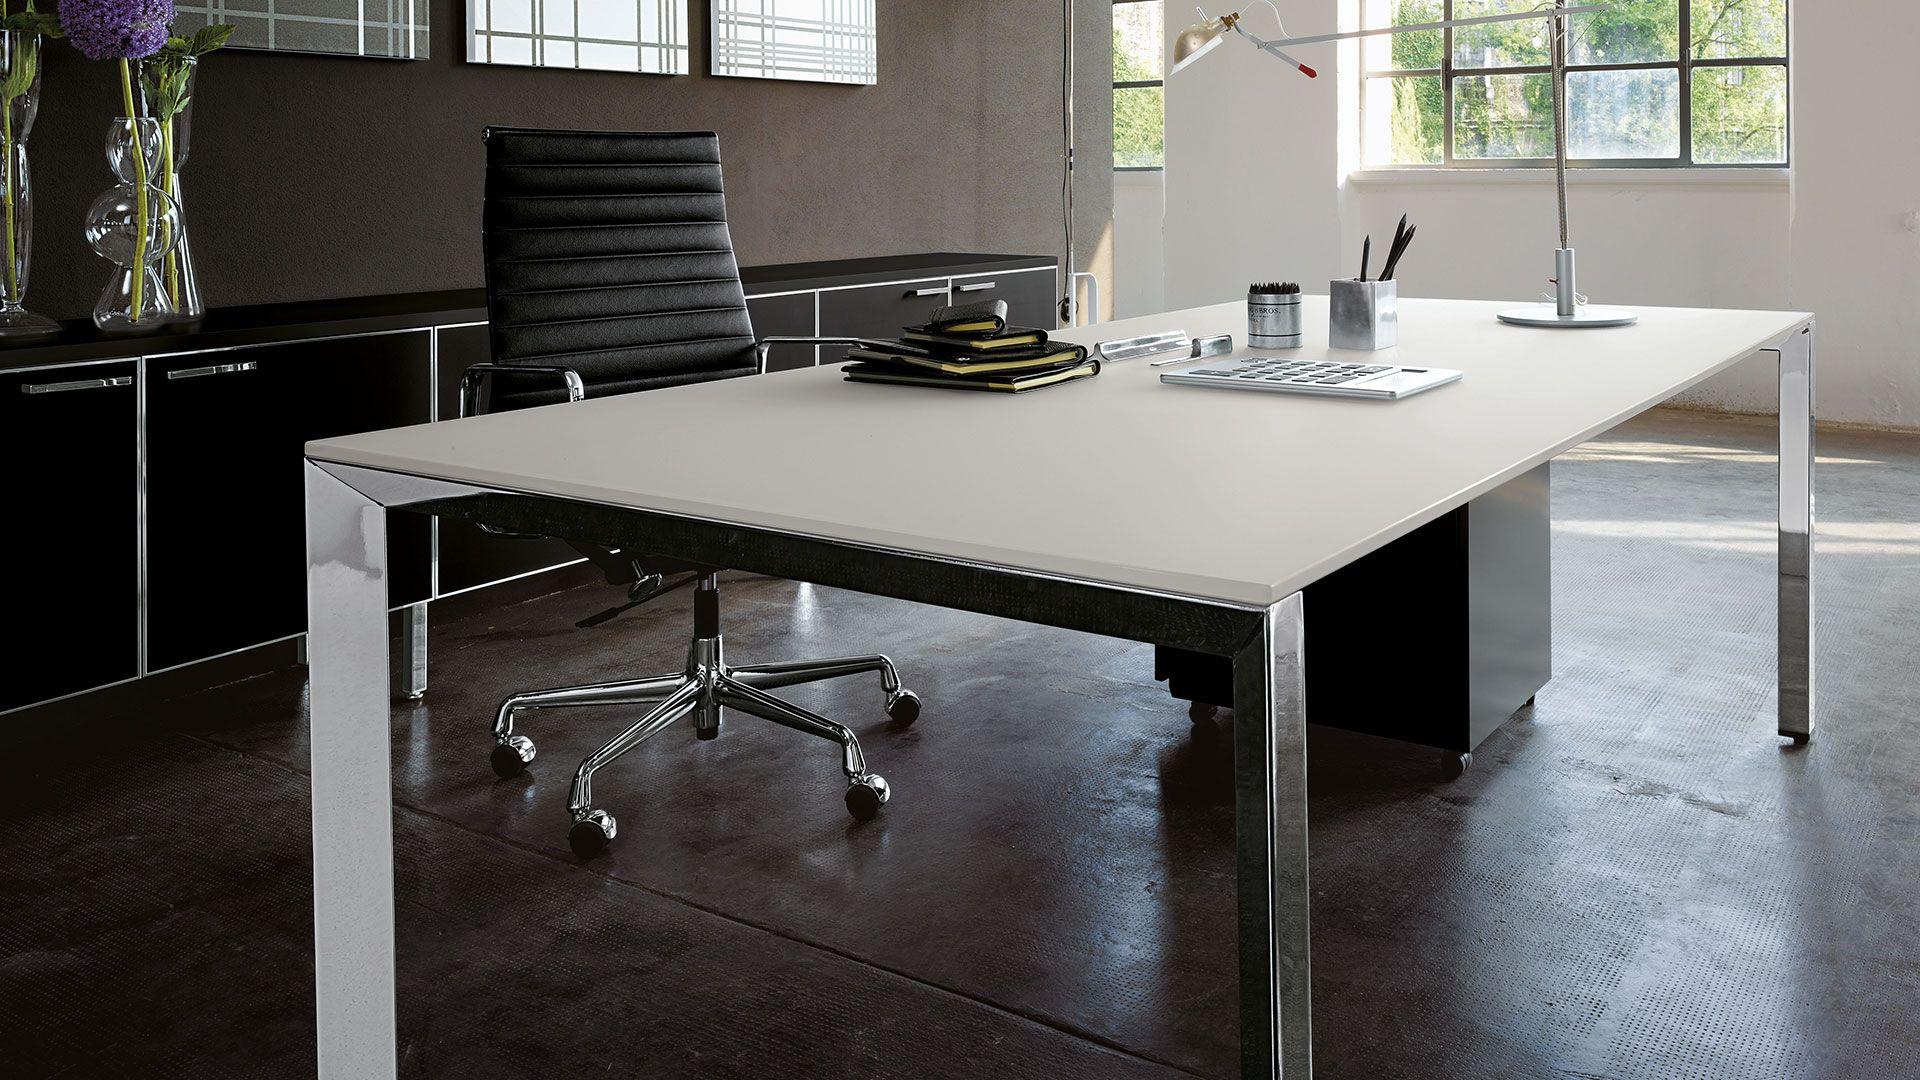 Büromöbel weiß chrom  Chefschreibtisch Design-Schreibtisch Einzelarbeitsplatz mit weißer ...